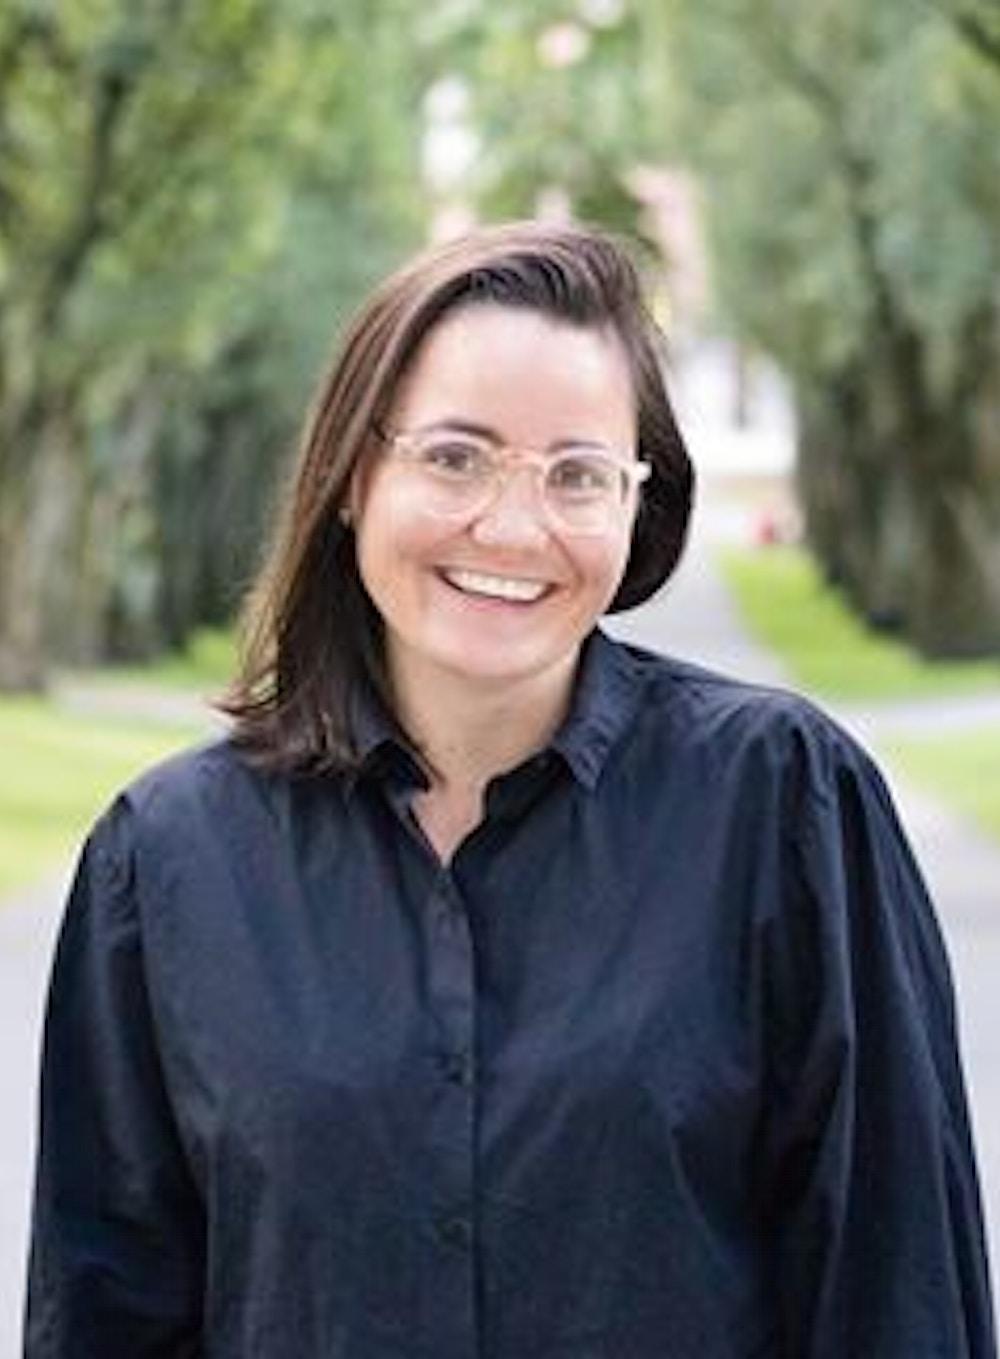 Julie Skoien